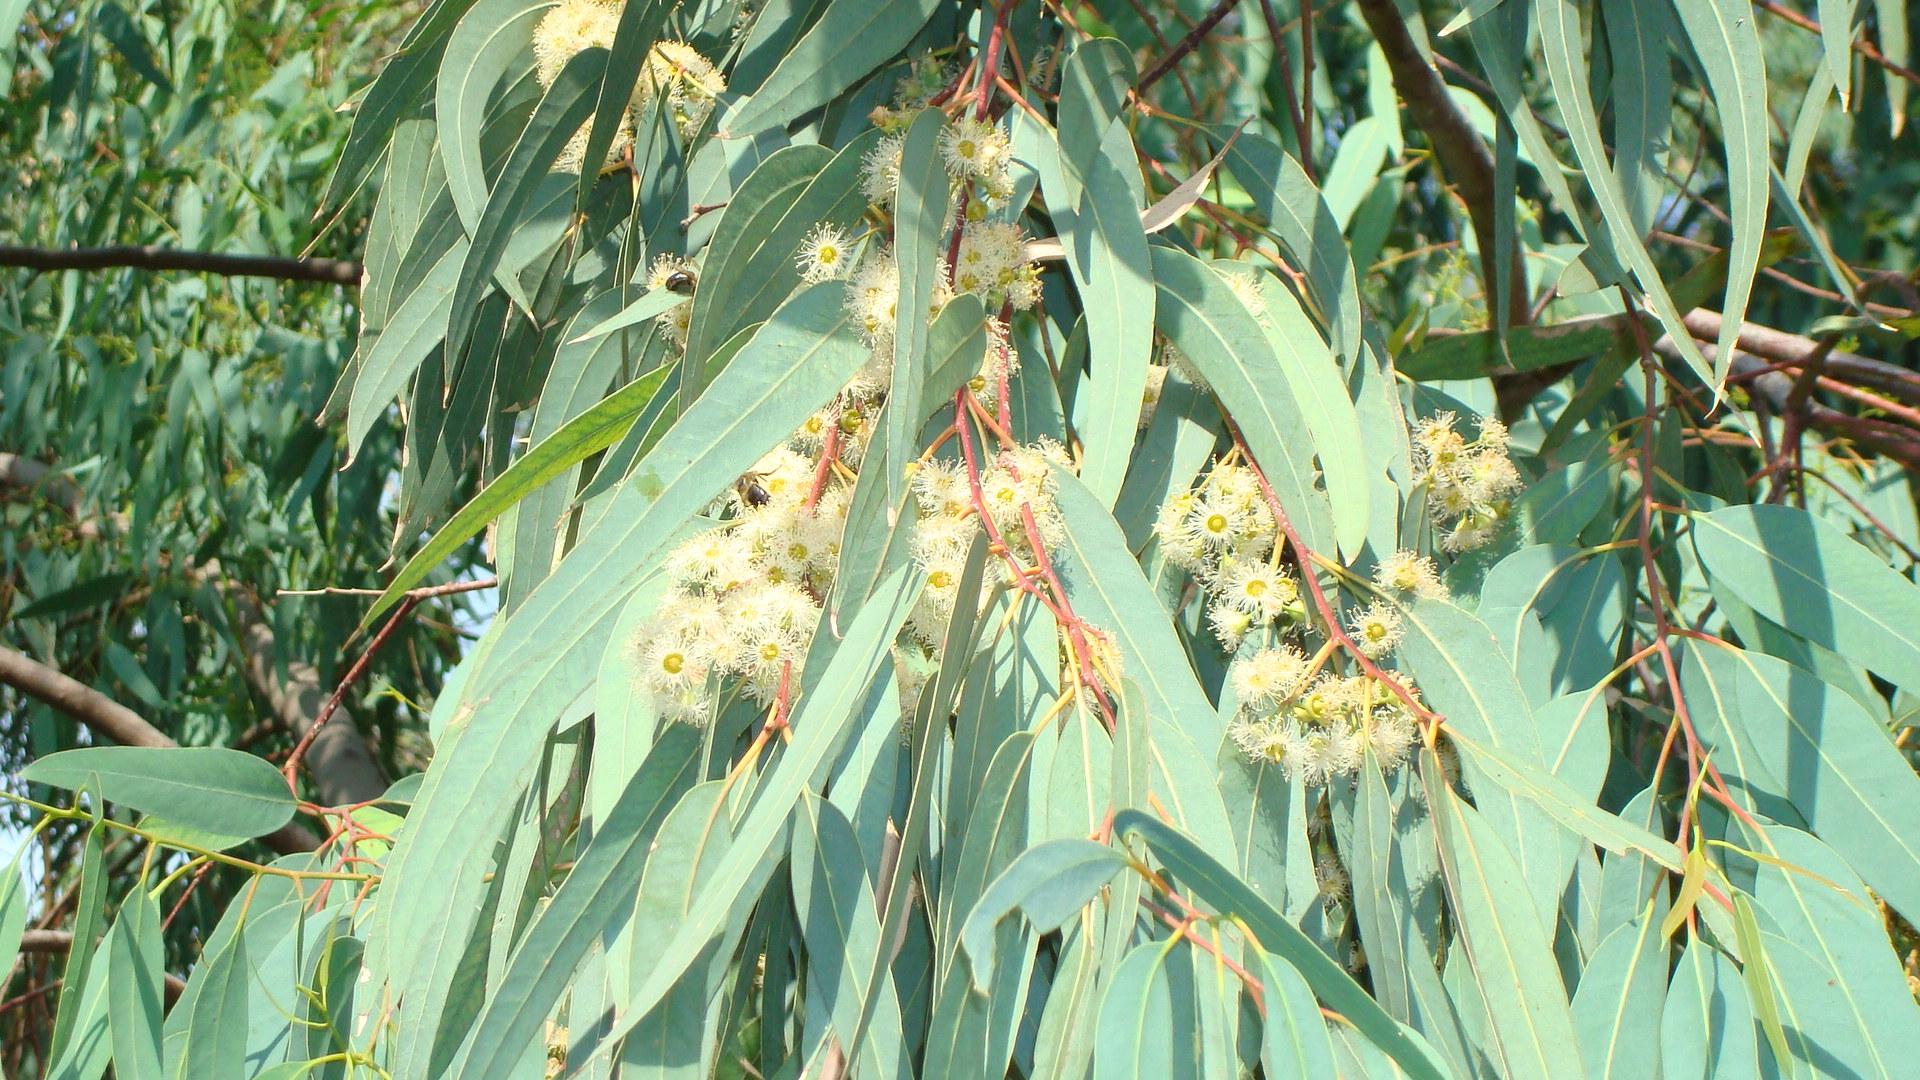 une fleur - blucat-  8 août trouvée par martine Fc59f924